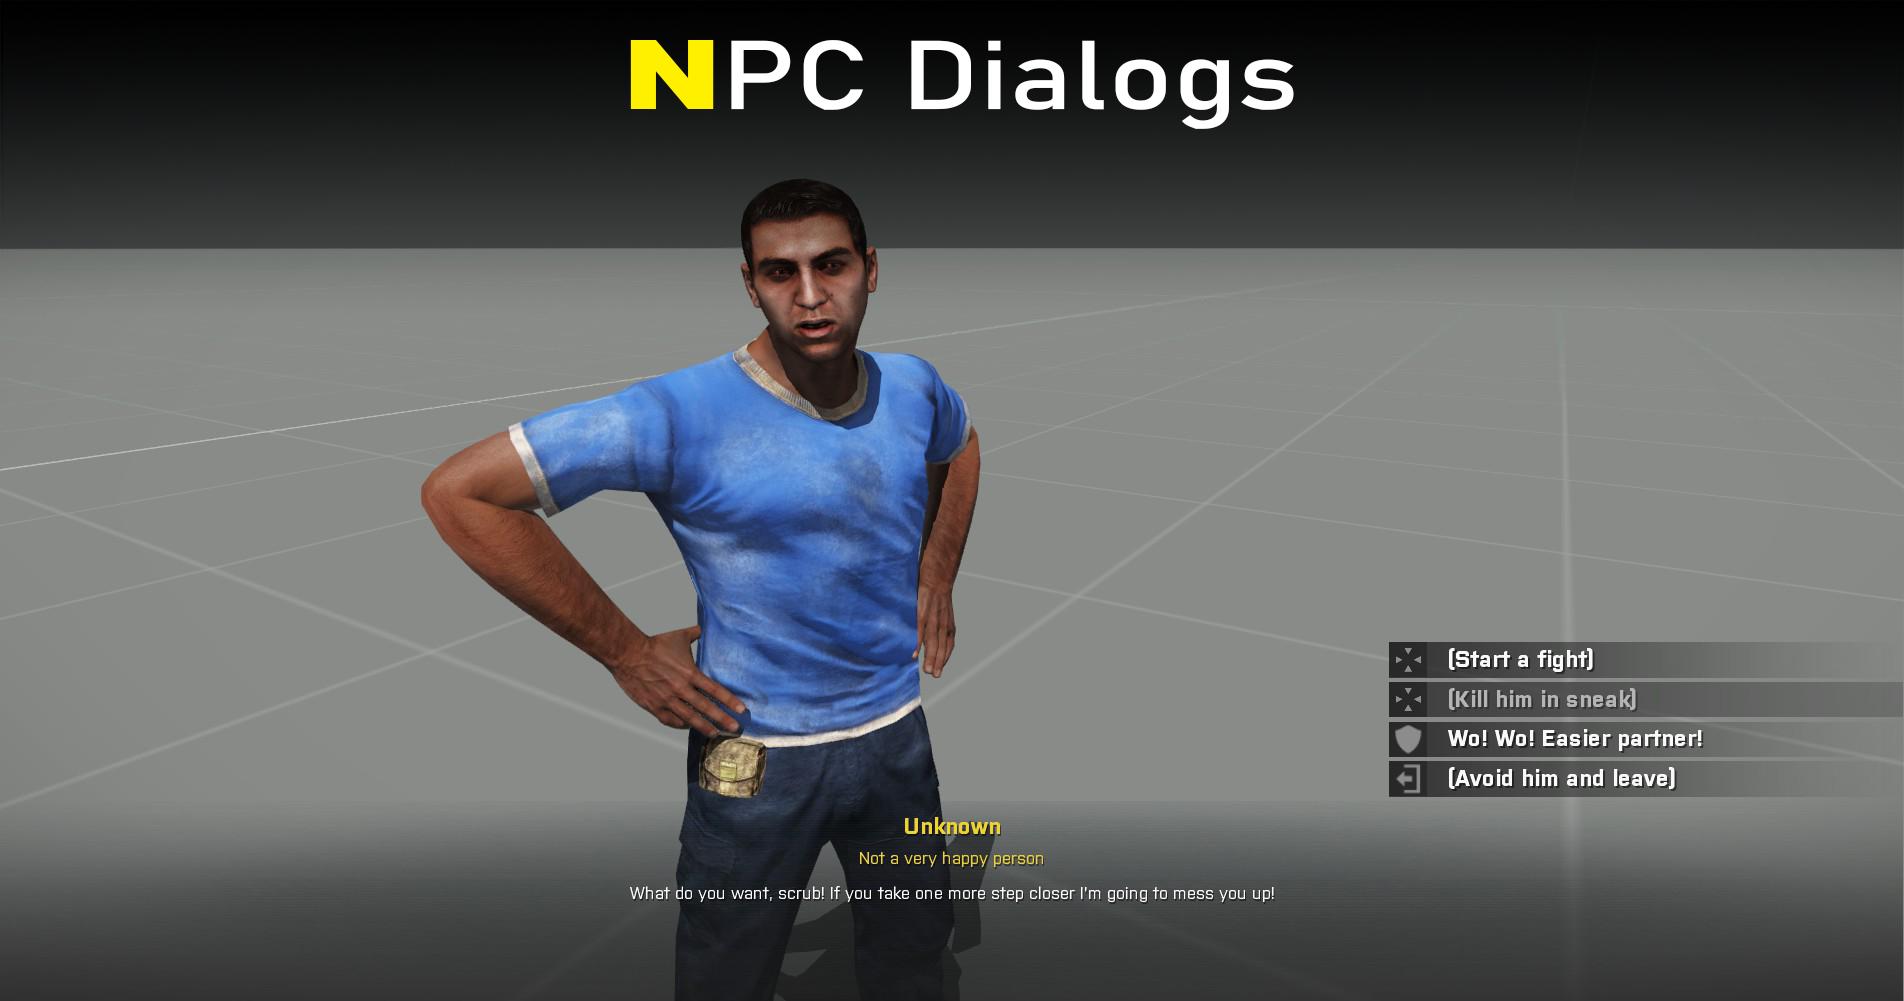 NPC Dialogs